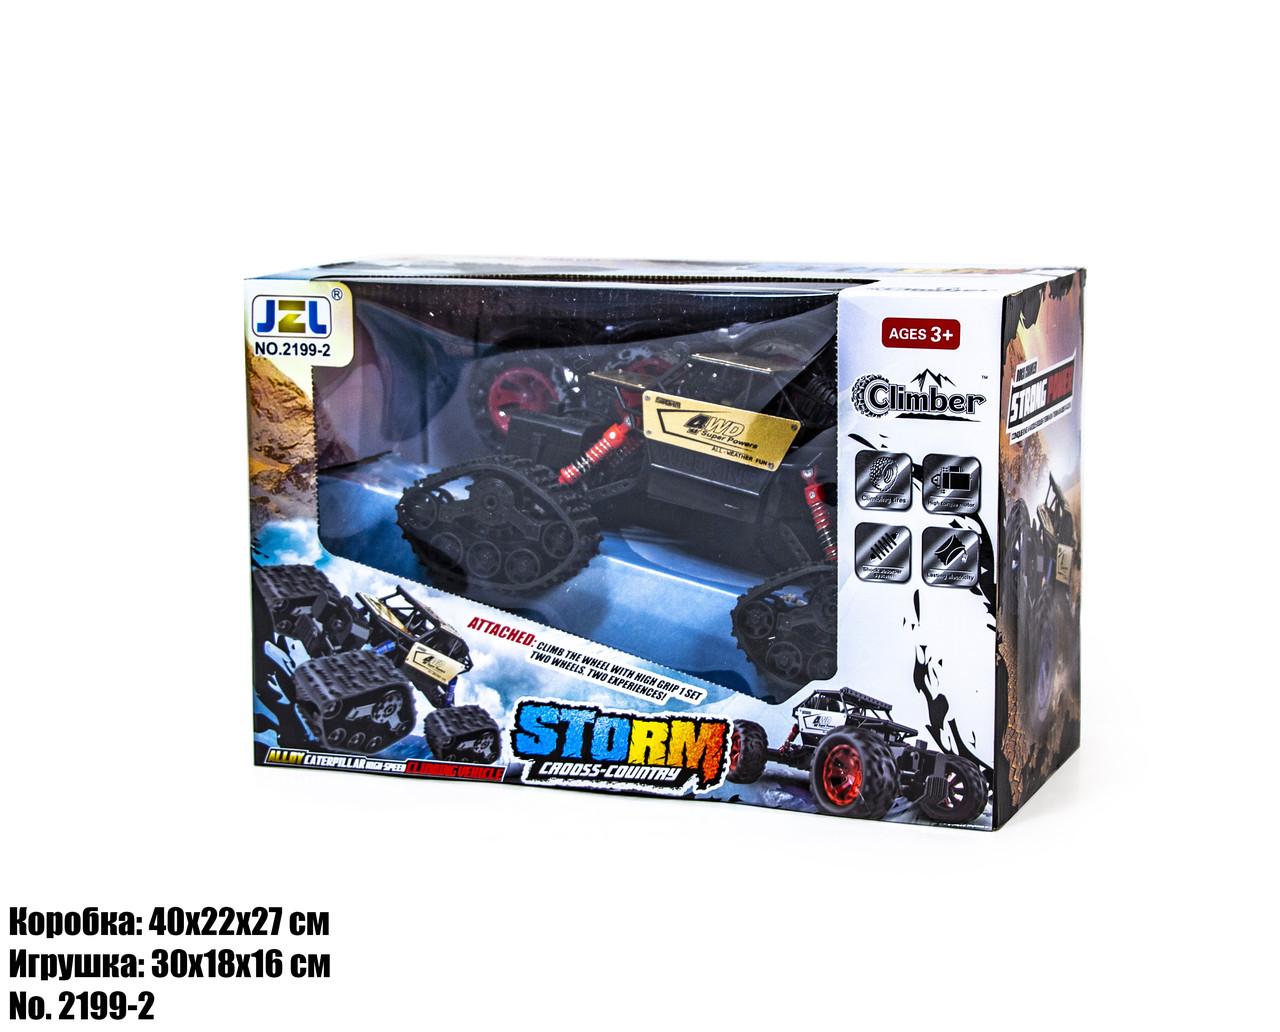 Машинка-Всюдихід 2 в 1 (гусениці+колеса) на радіокеруванні 2199-2